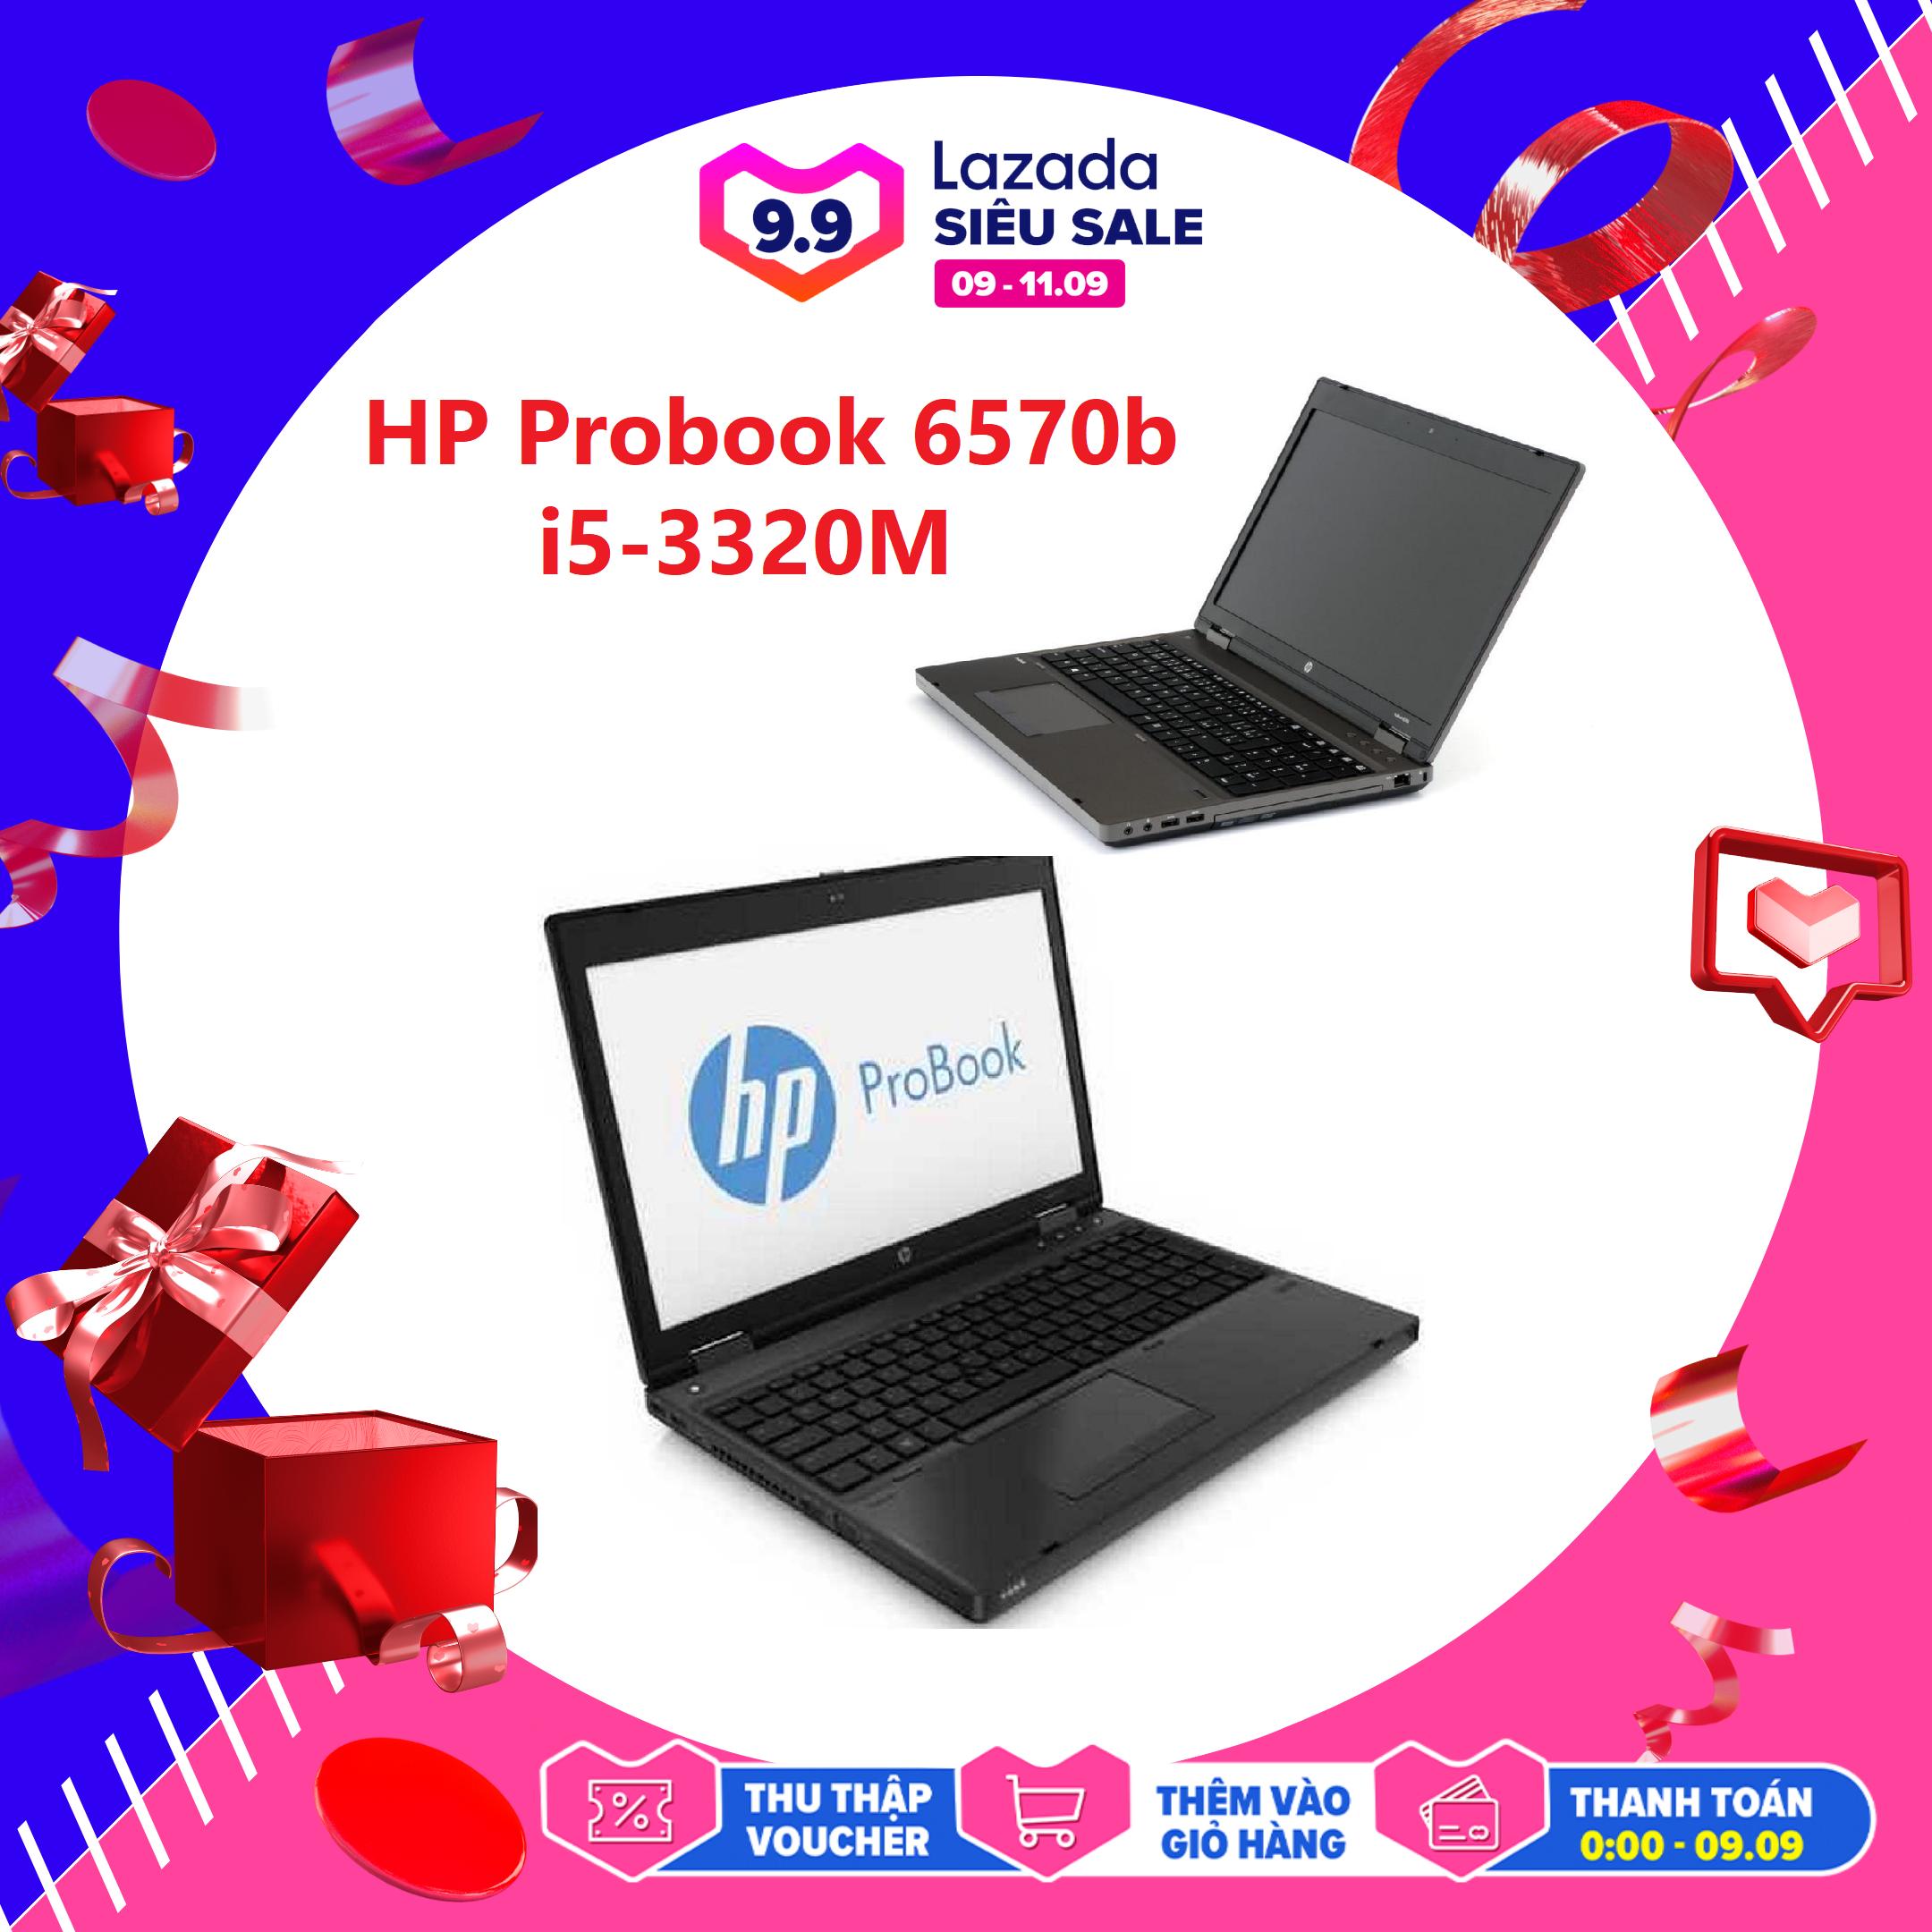 Laptop Văn Phòng, Laptop Chơi Game + Đồ Họa Giá Rẻ HP 6570b, i5-3210M, VGA Intel HD 4000, Màn 15.6HD, LaptopLC298